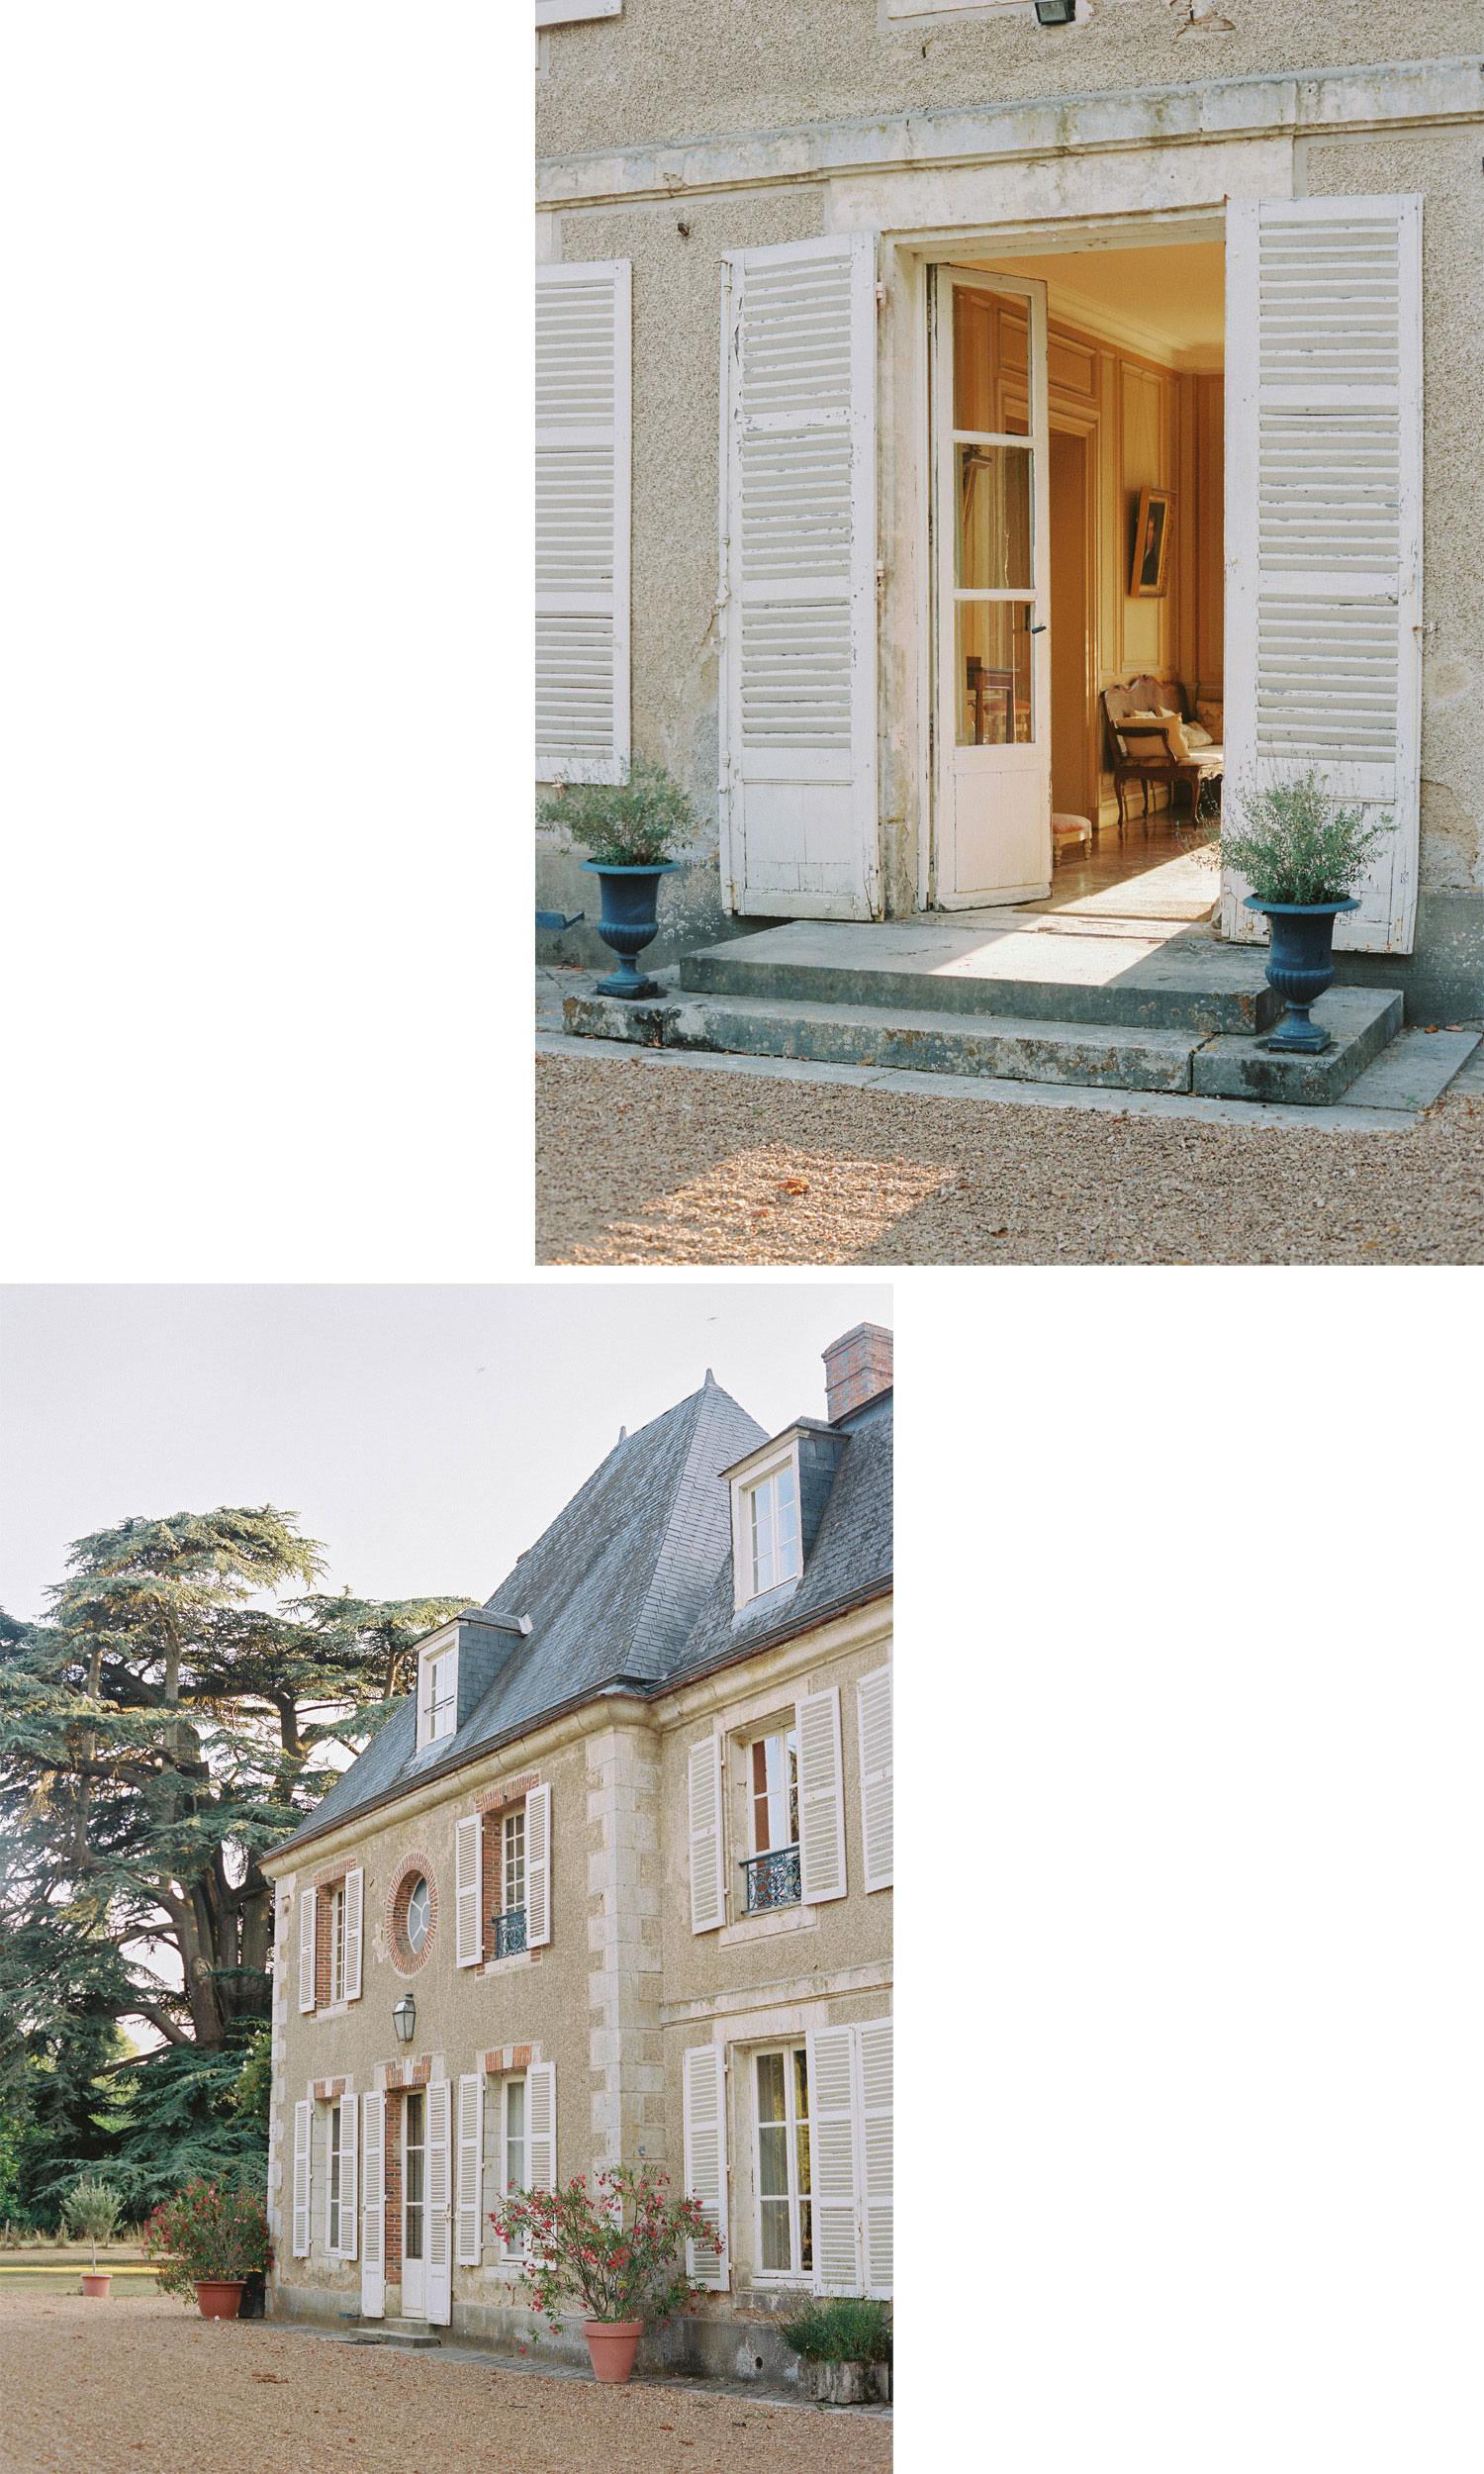 Chateau de bouthonvilliers elopement